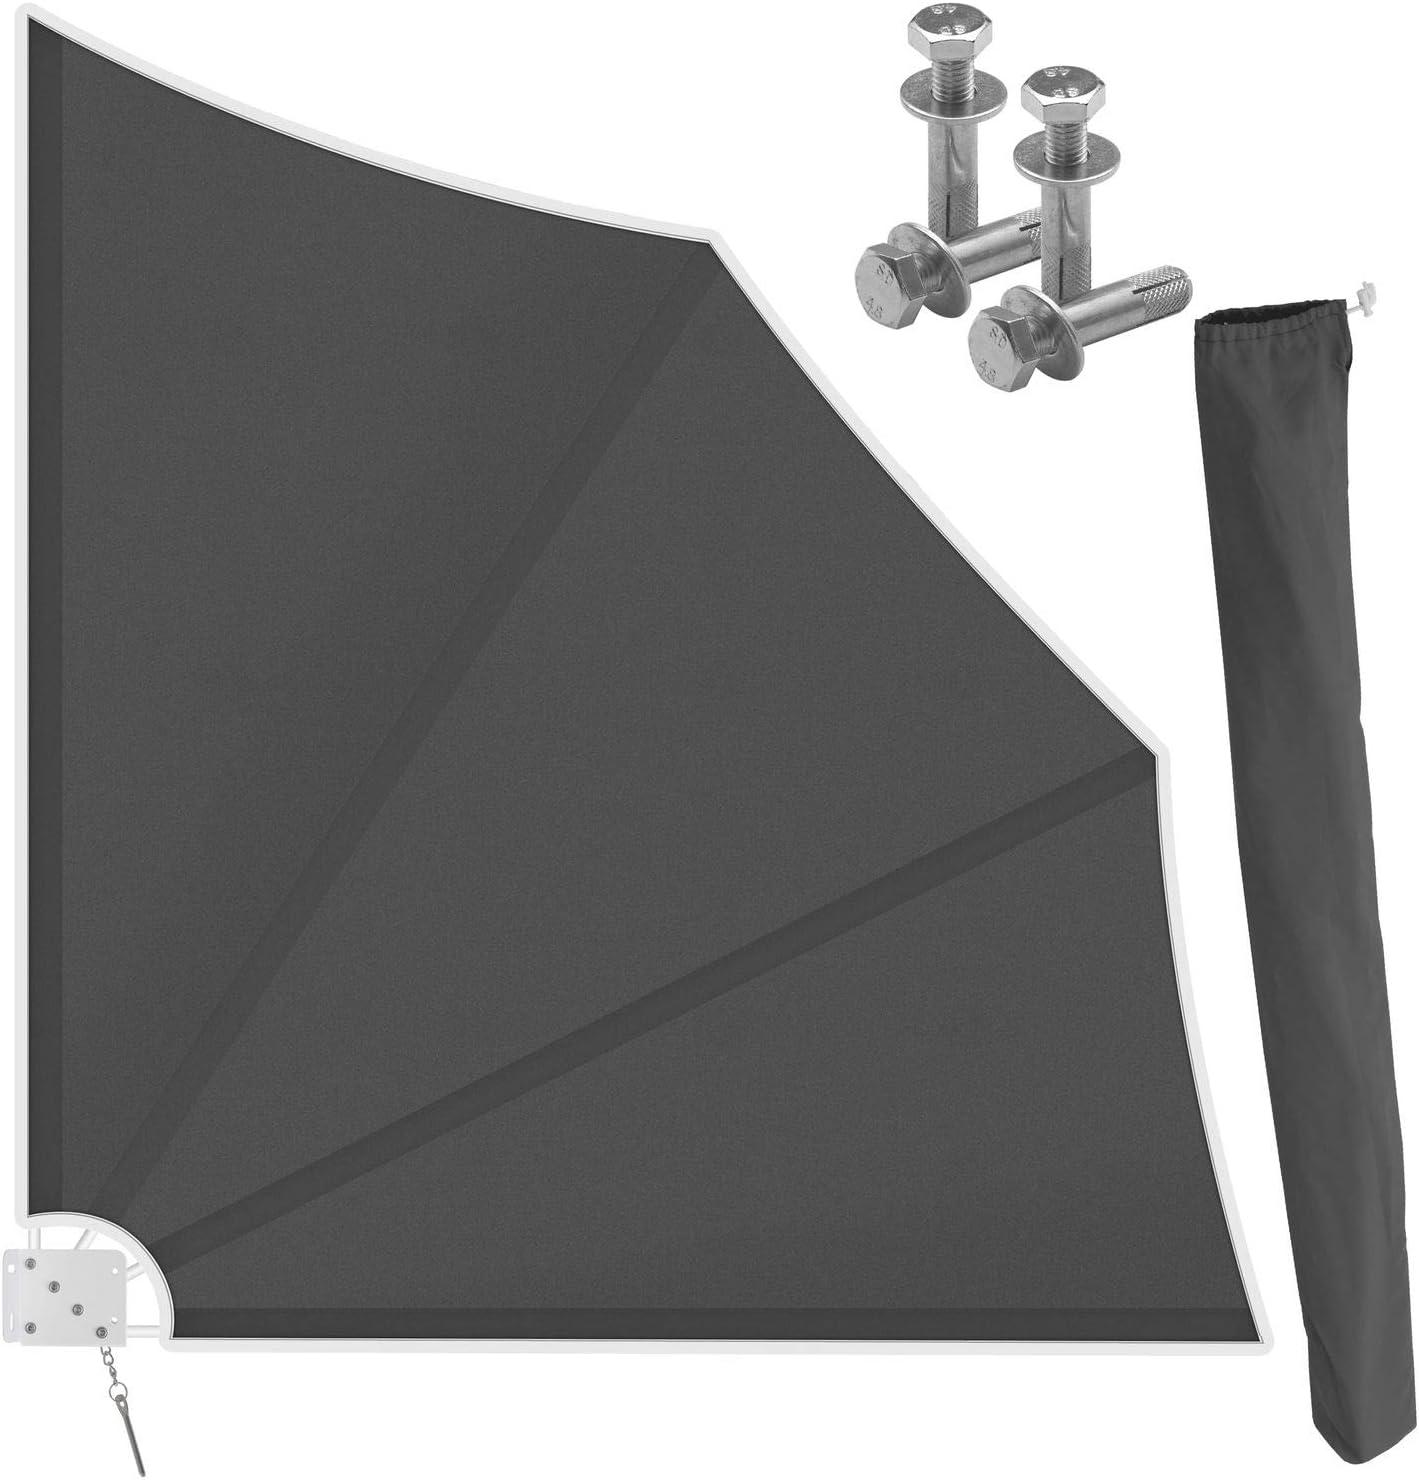 Kesser Folding Balcony Fan With Wall Mount 140 X 140 Cm Privacy